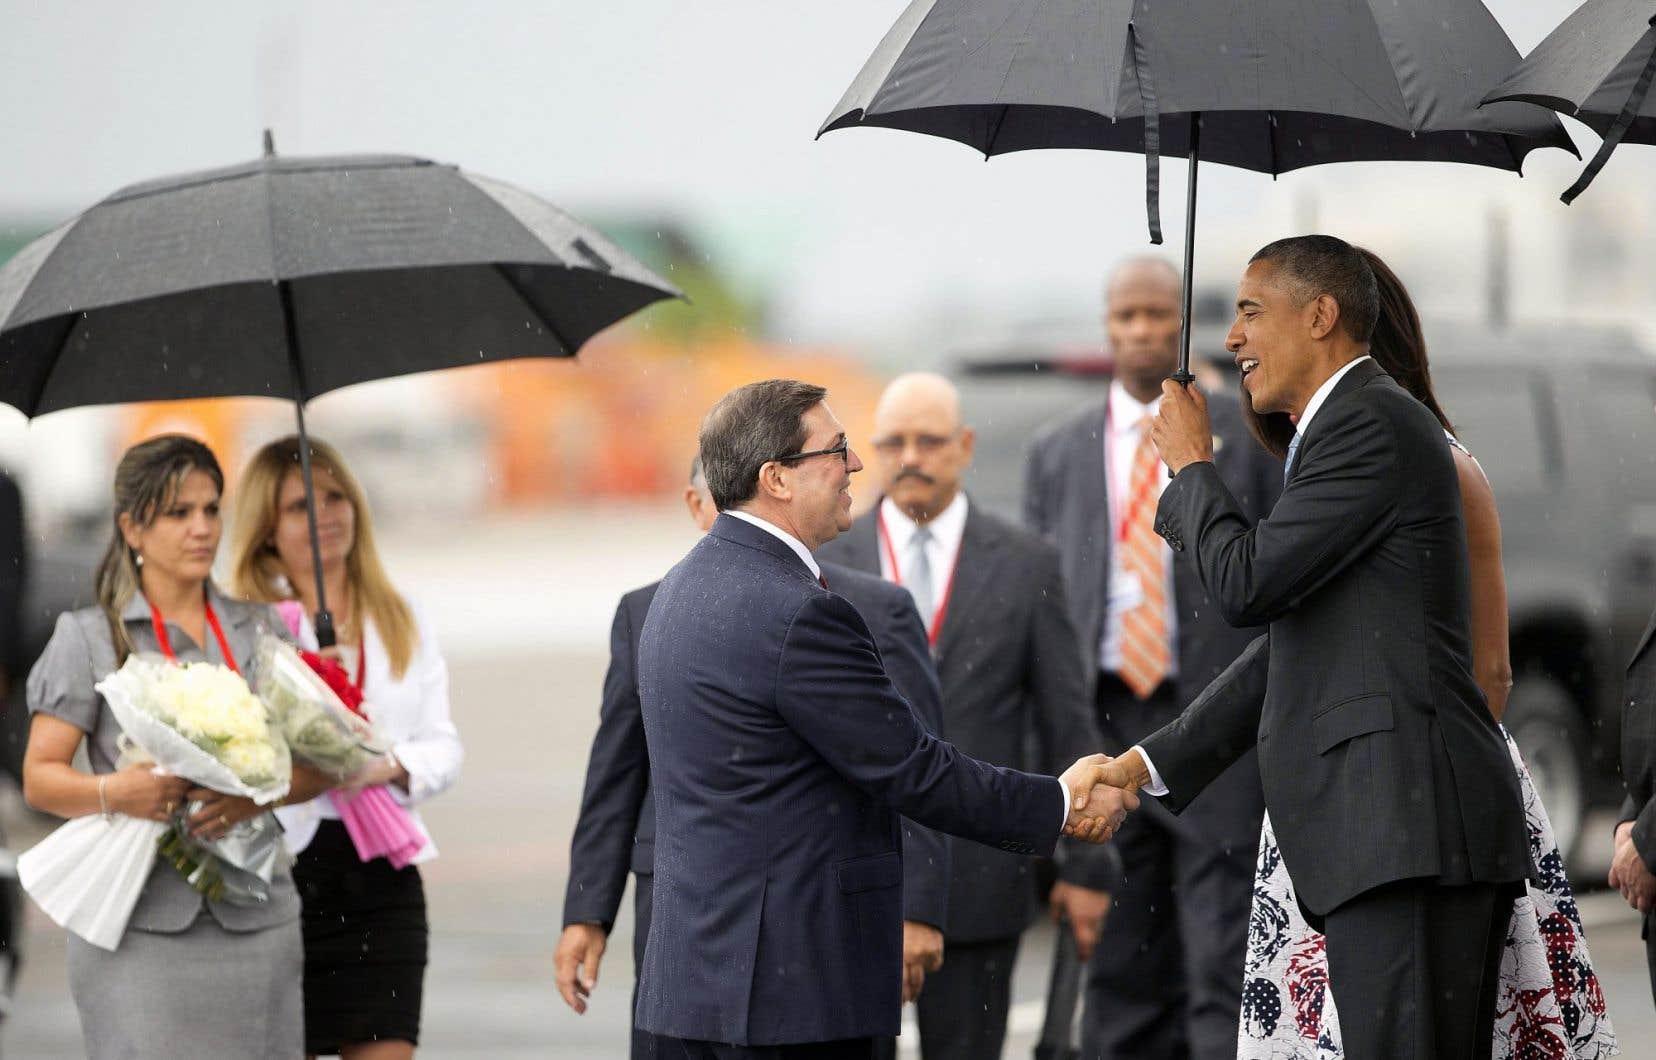 Dès son arrivée à La Havane, le président des États-Unis, Barack Obama, et son épouse, Michelle Obama, ont été accueillis par le ministre des Affaires étrangères cubain, Bruno Rodriguez.